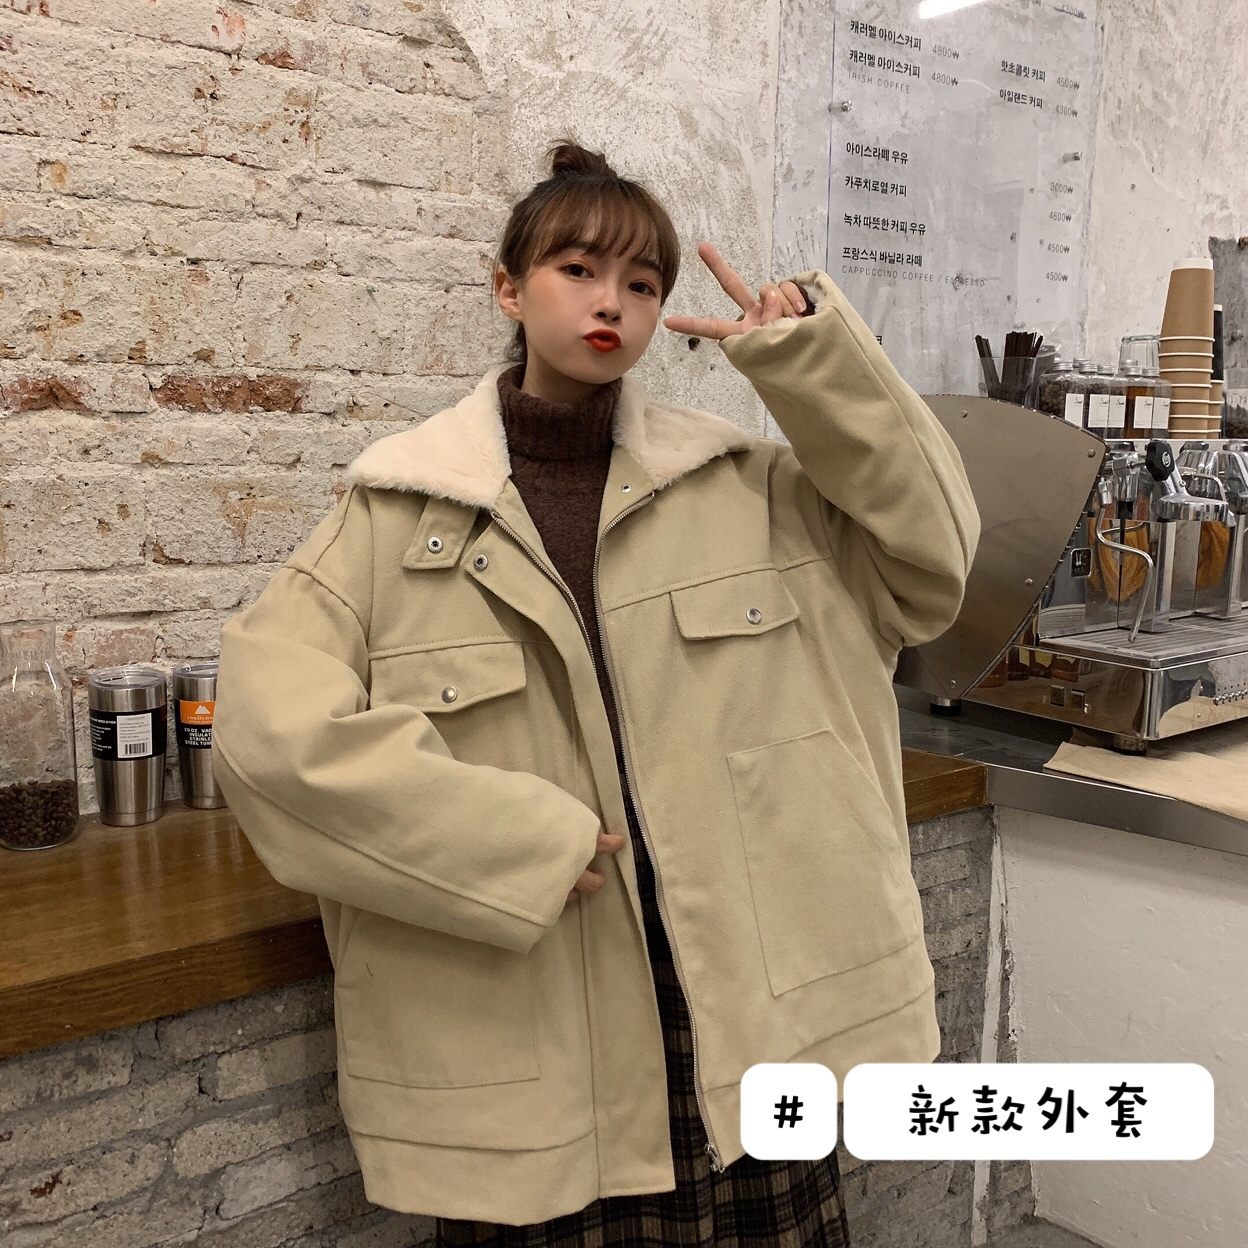 实拍实价冬季韩版宽松羊羔毛绒棉服大衣加厚保暖工装短款外套女